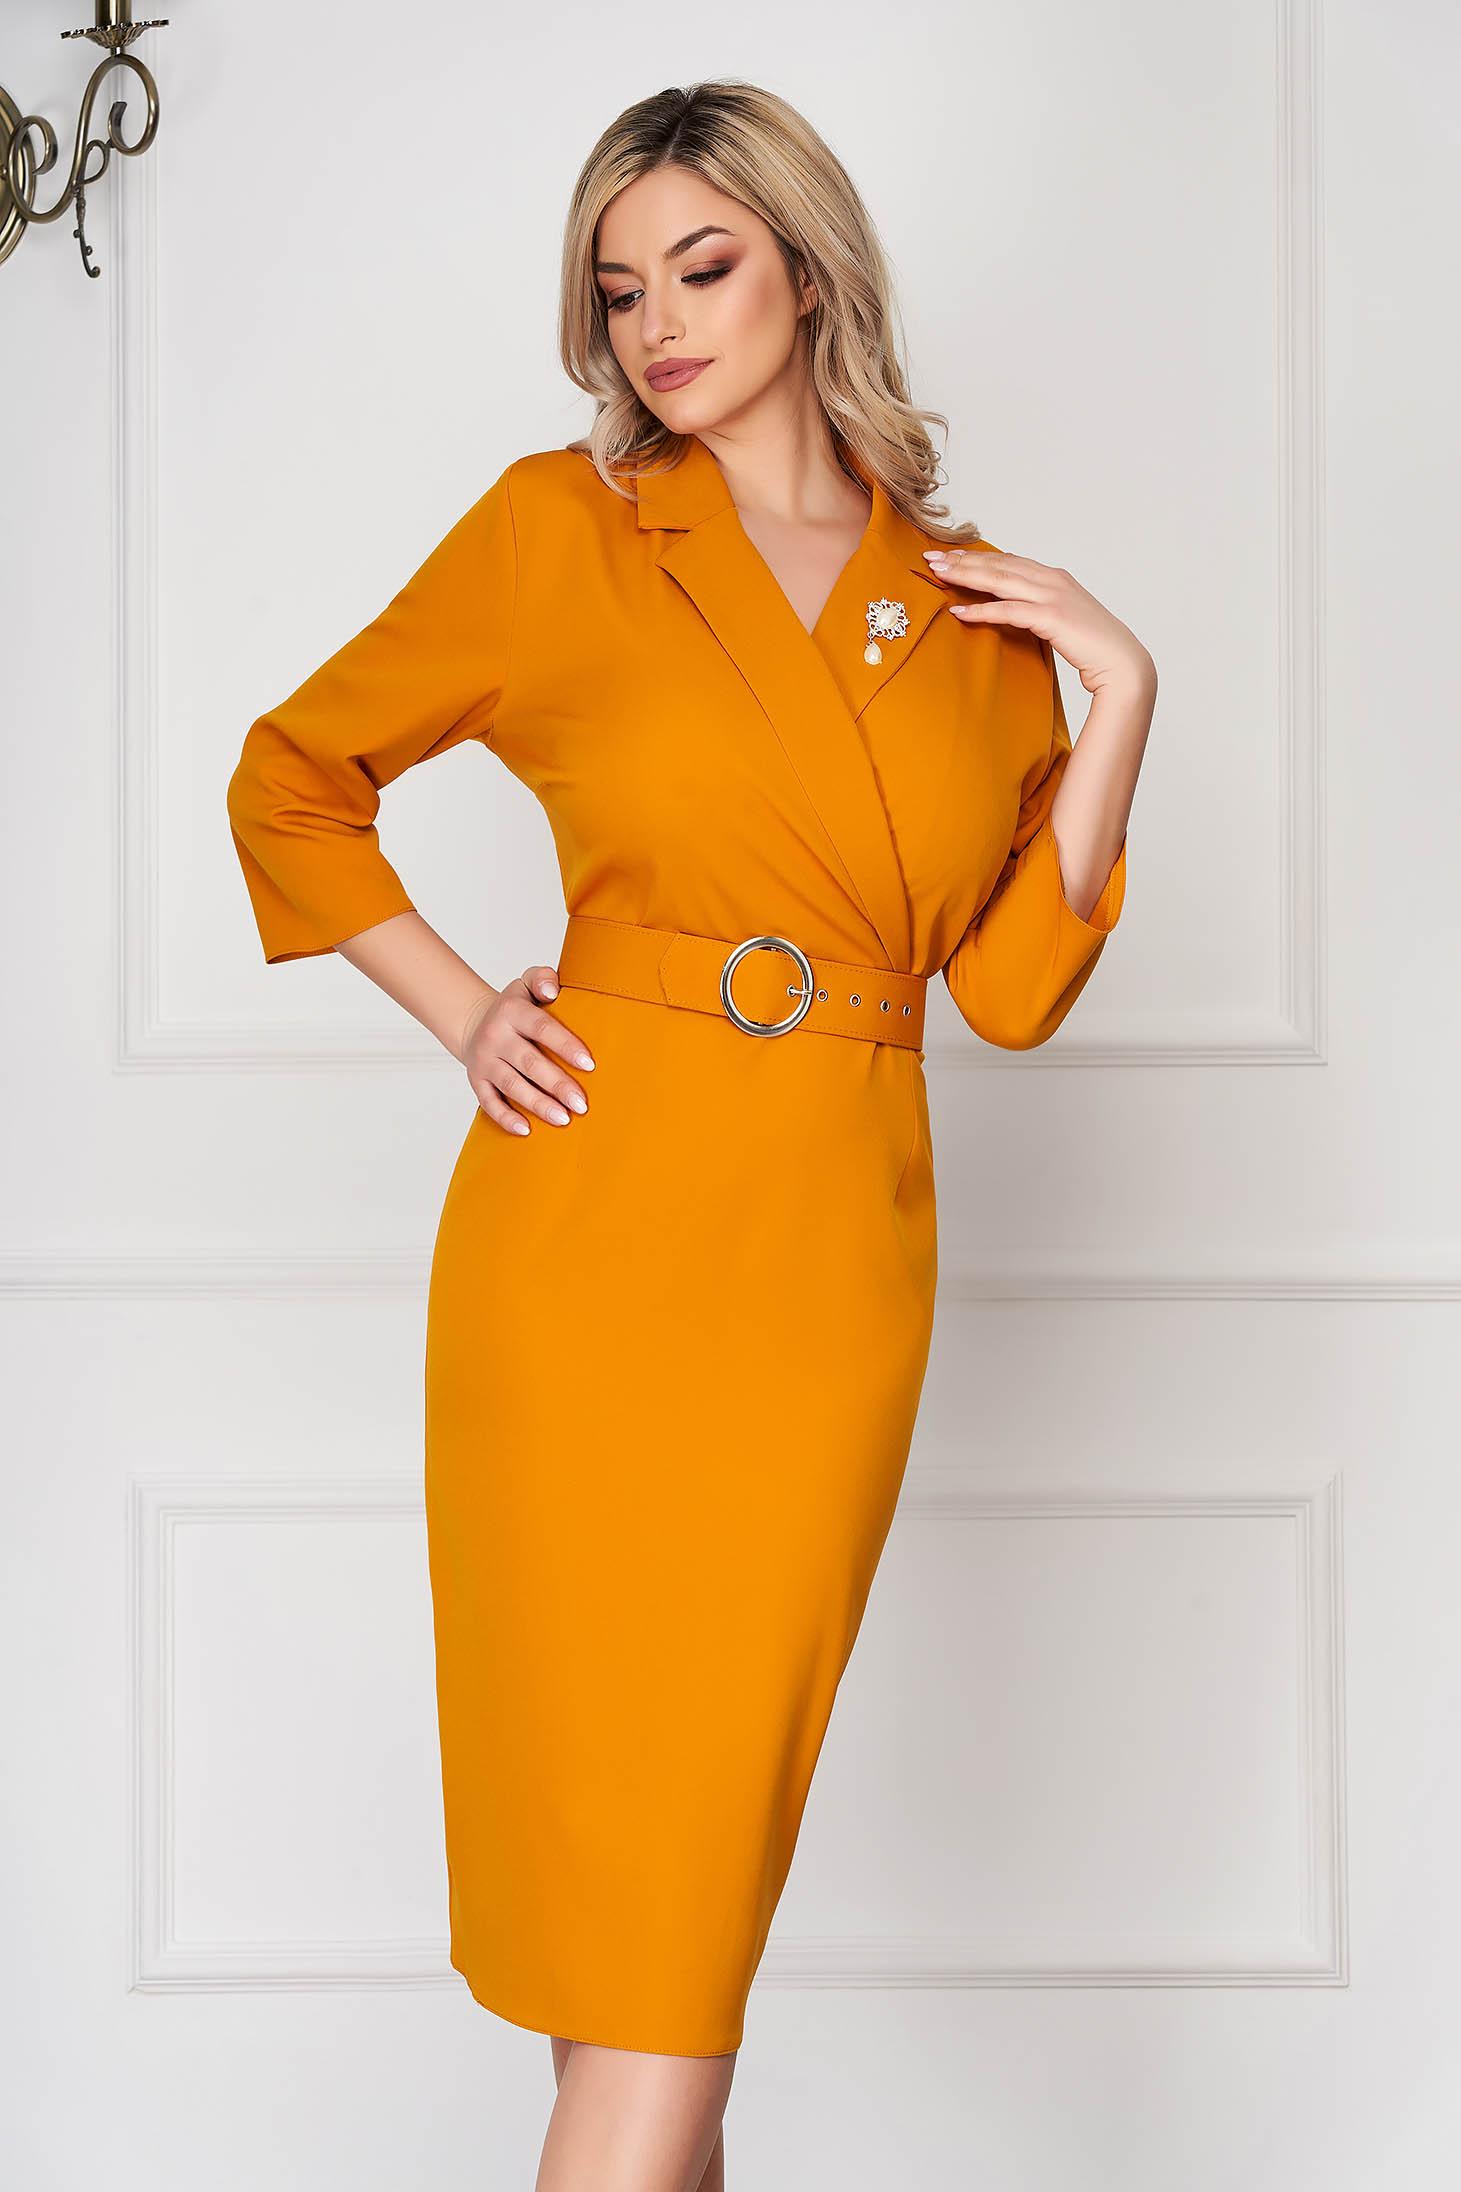 Mustard dress elegant midi pencil thin fabric accessorized with breastpin